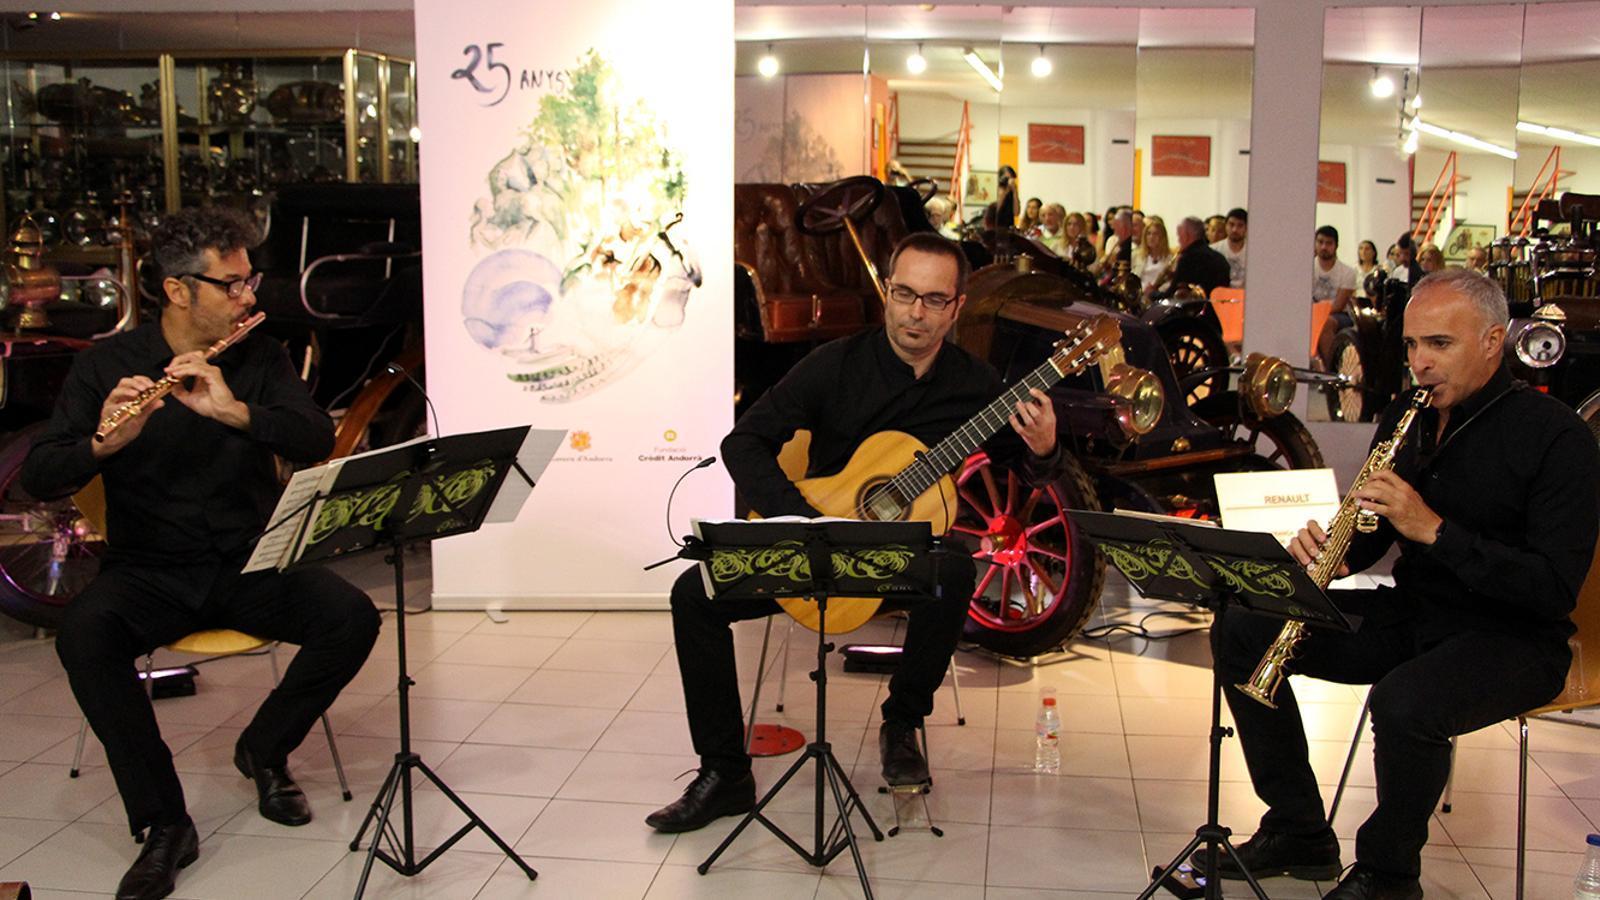 Rythmic Trio, durant la seva actuació al Museu de l'Automòbil. / M. F. (ANA)